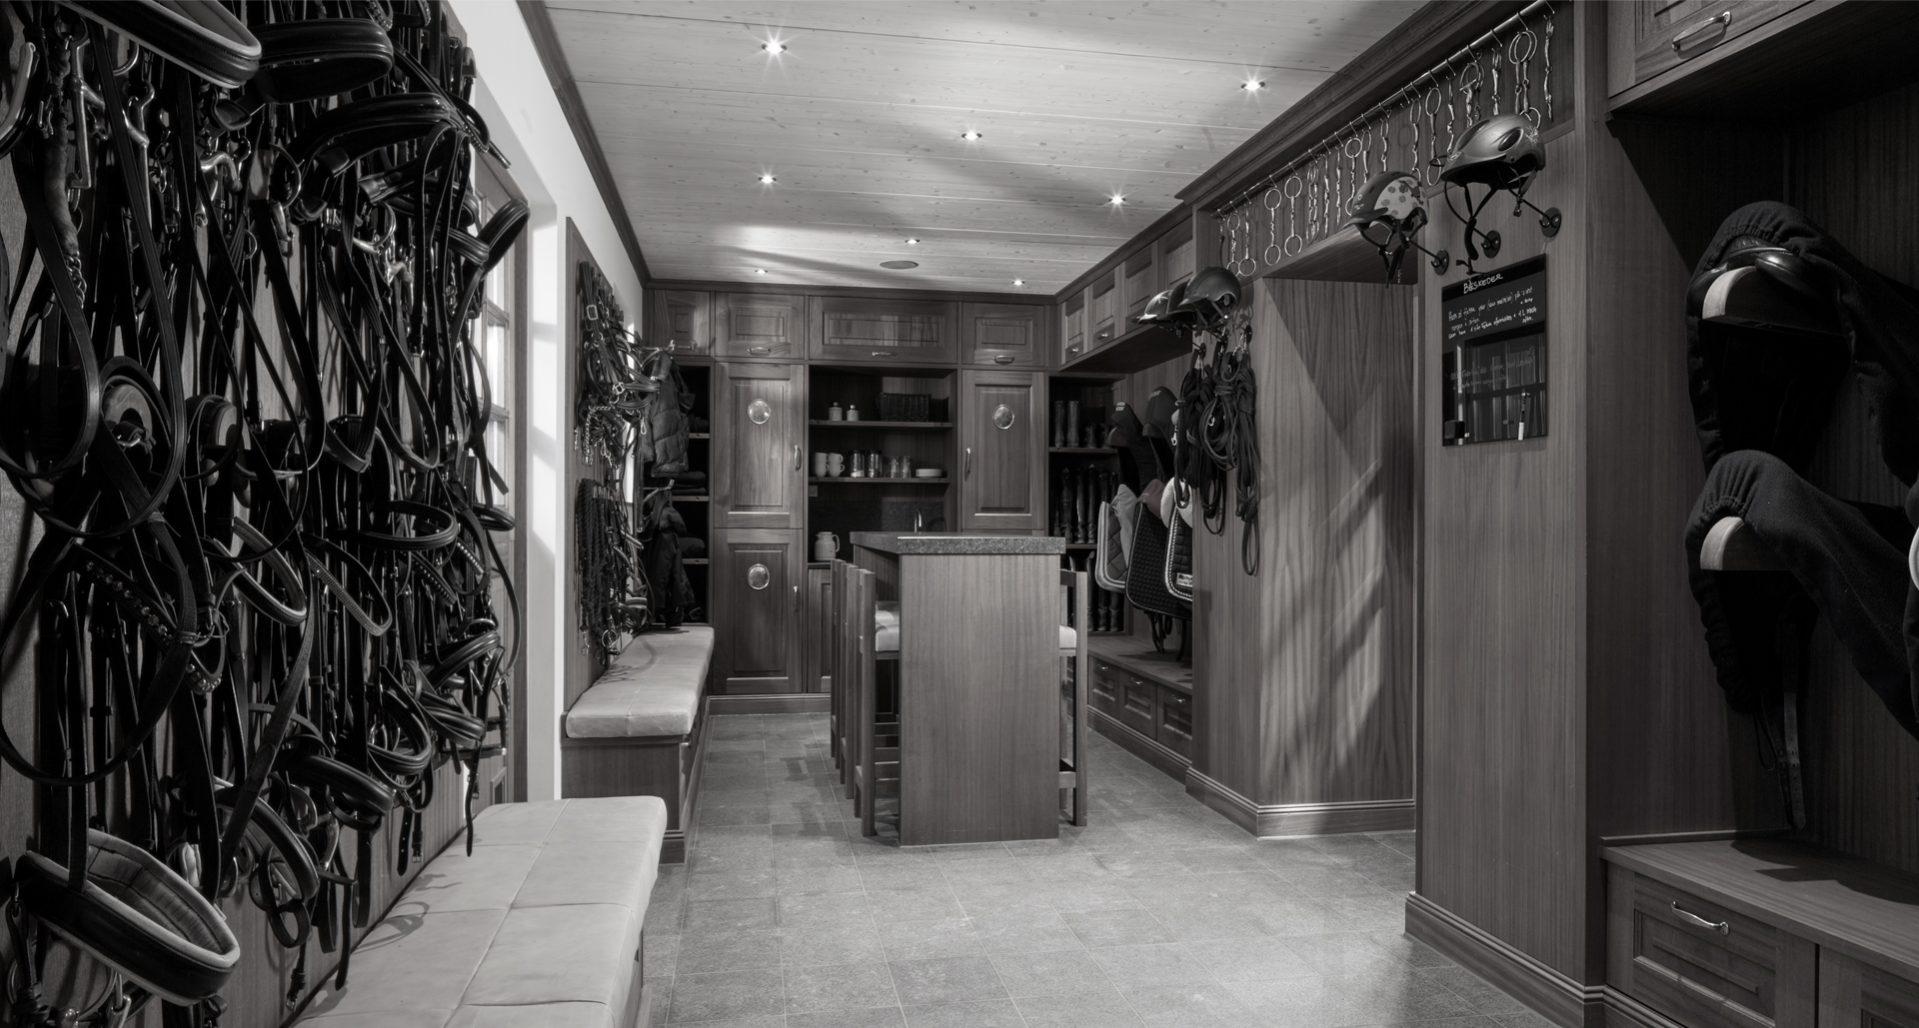 zwart wit foto van luxe zadelkamer met zitgedeelte